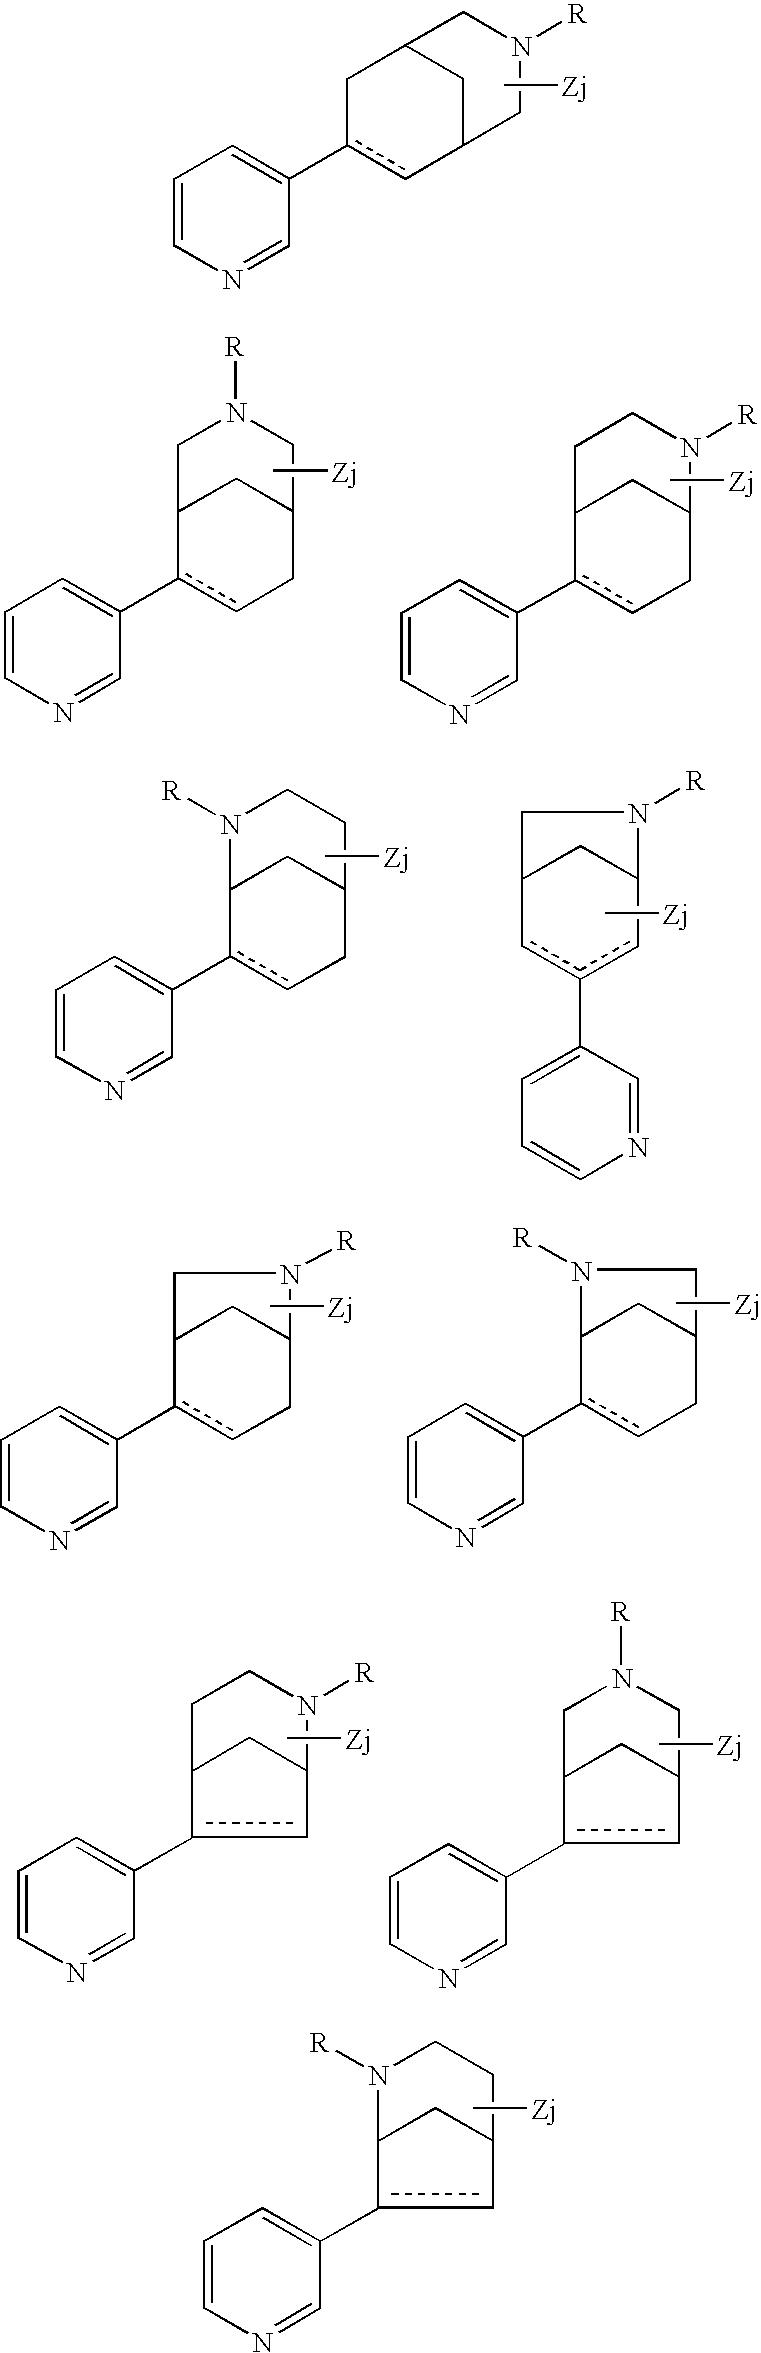 Figure US20050282823A1-20051222-C00021